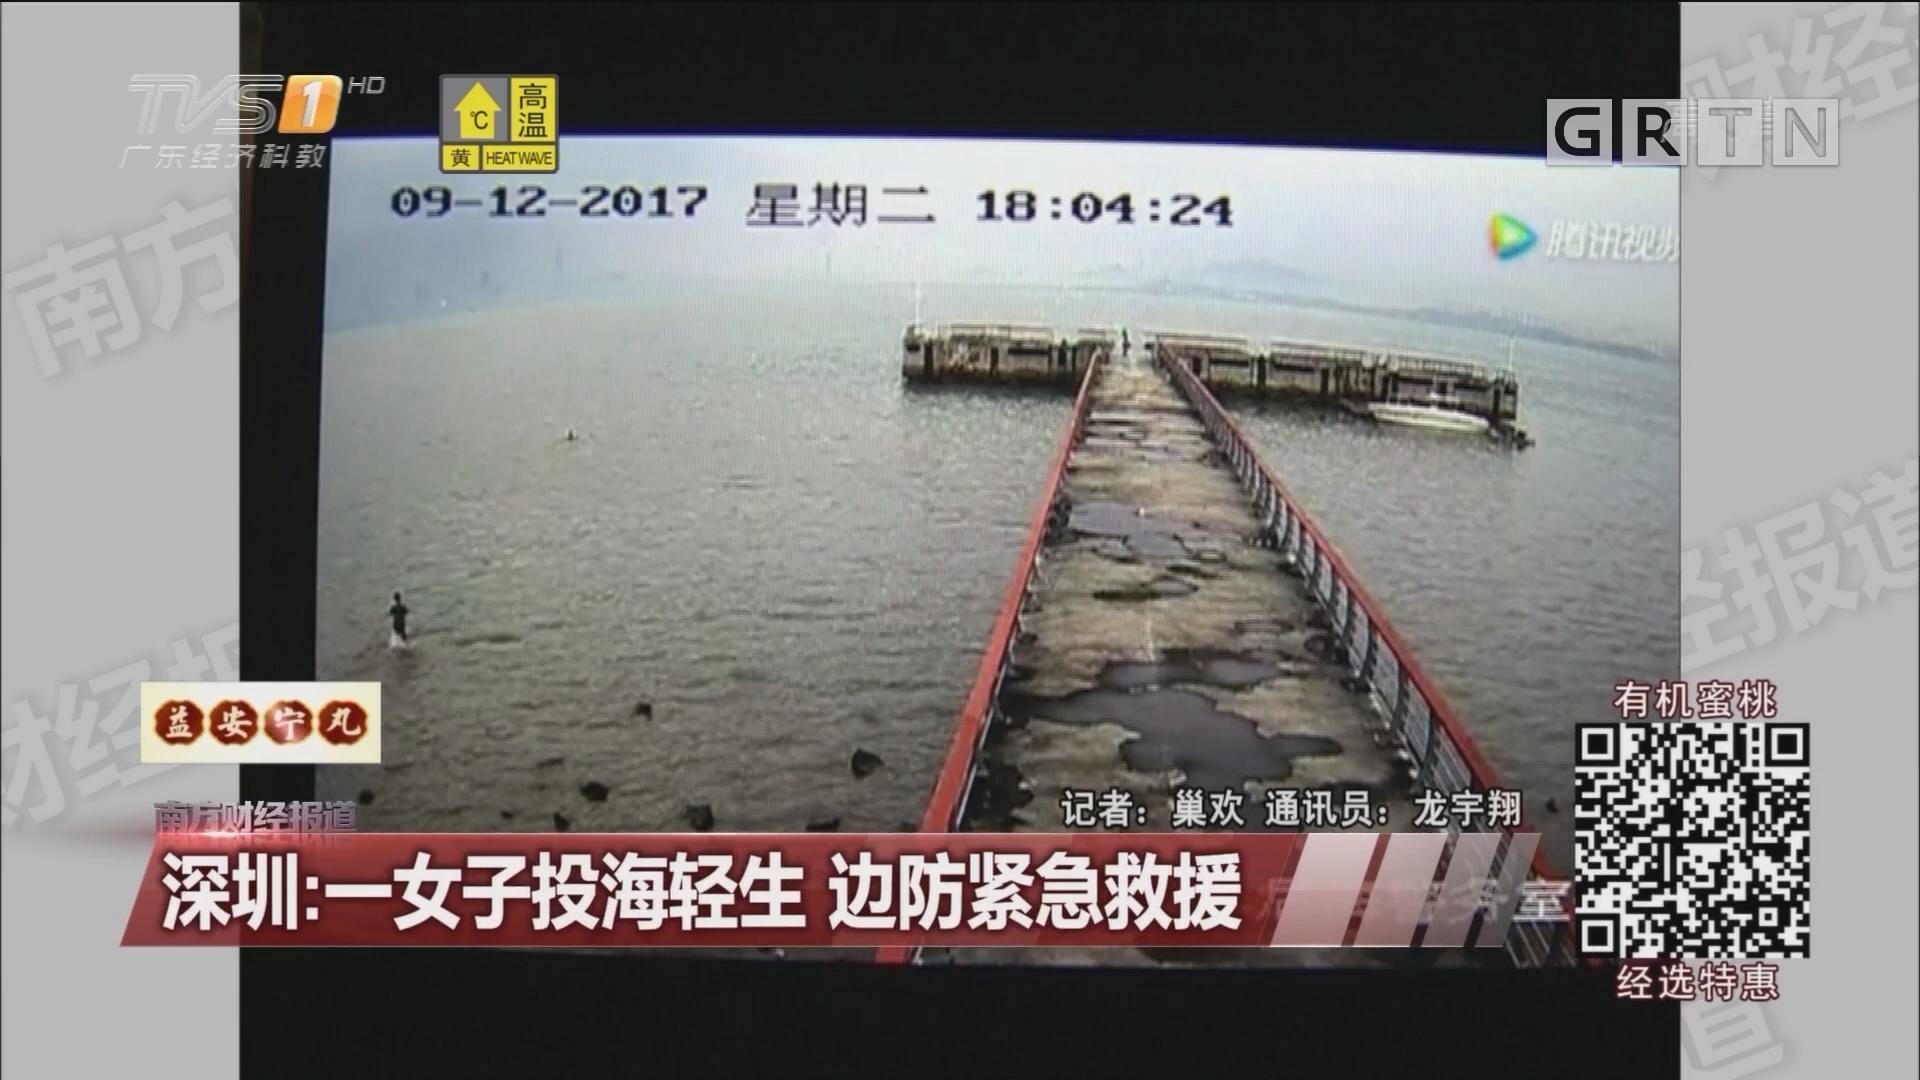 深圳:一女子投海轻生 边防紧急救援